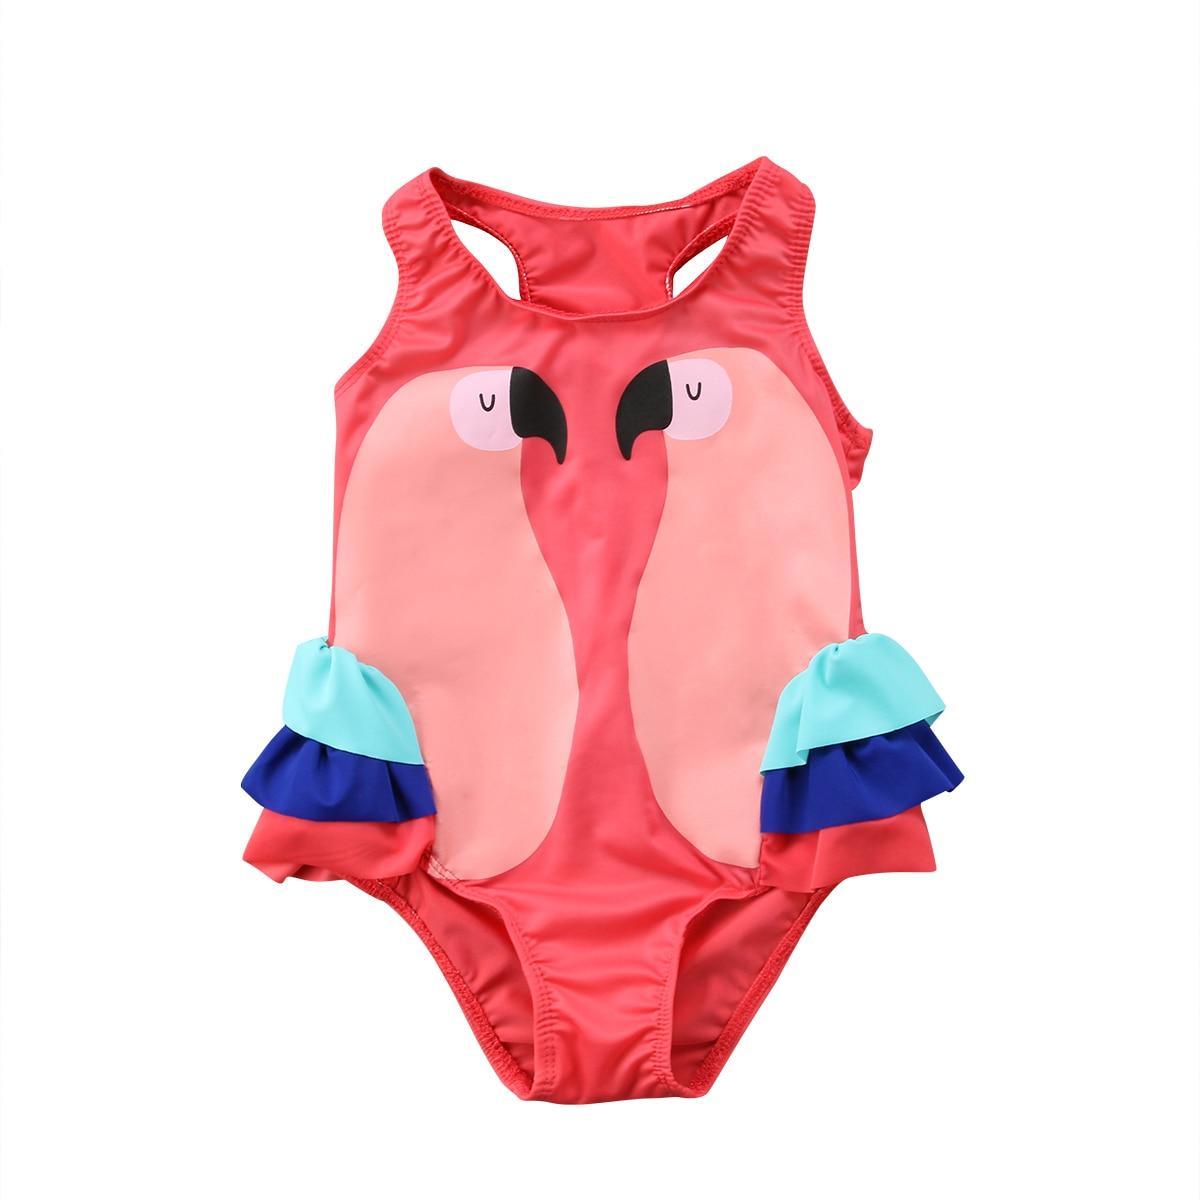 Traje de baño Floral de una pieza para niñas pequeñas, Bikini para niñas, trajes de baño bonitos, traje de baño para niños pequeños